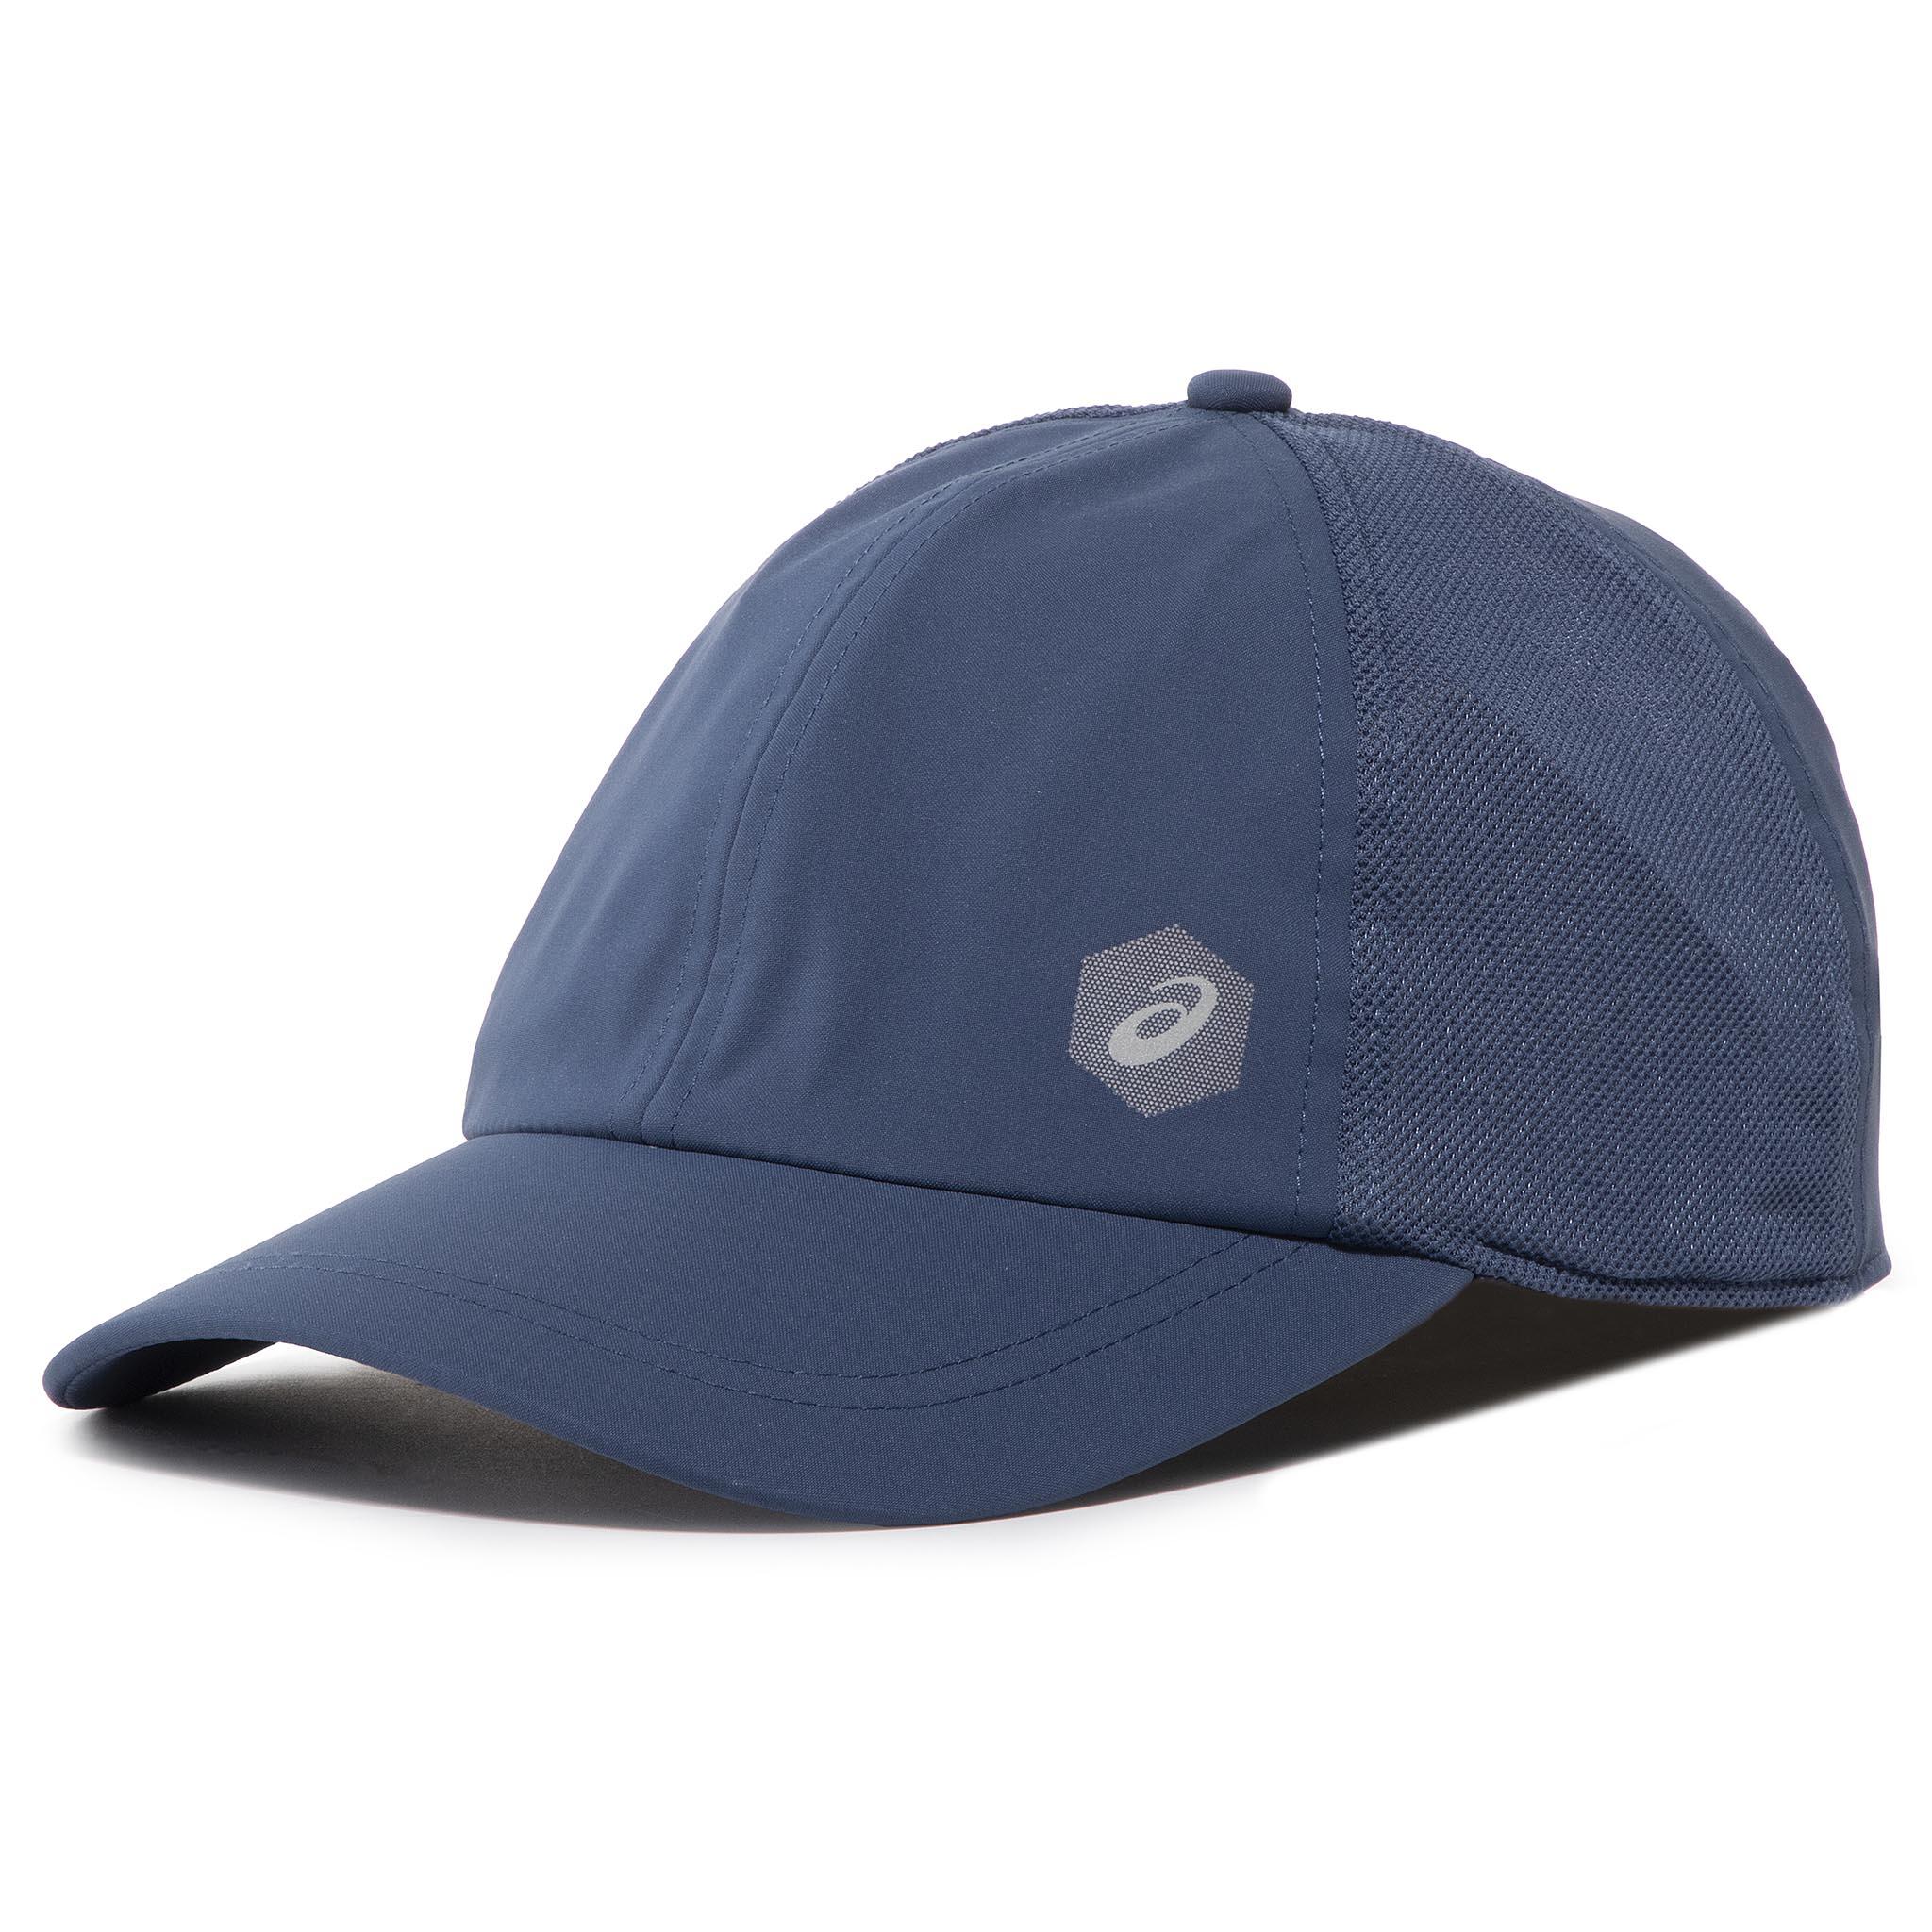 Image of Cap ASICS - Essential Cap 155007 Dark Blue 0793